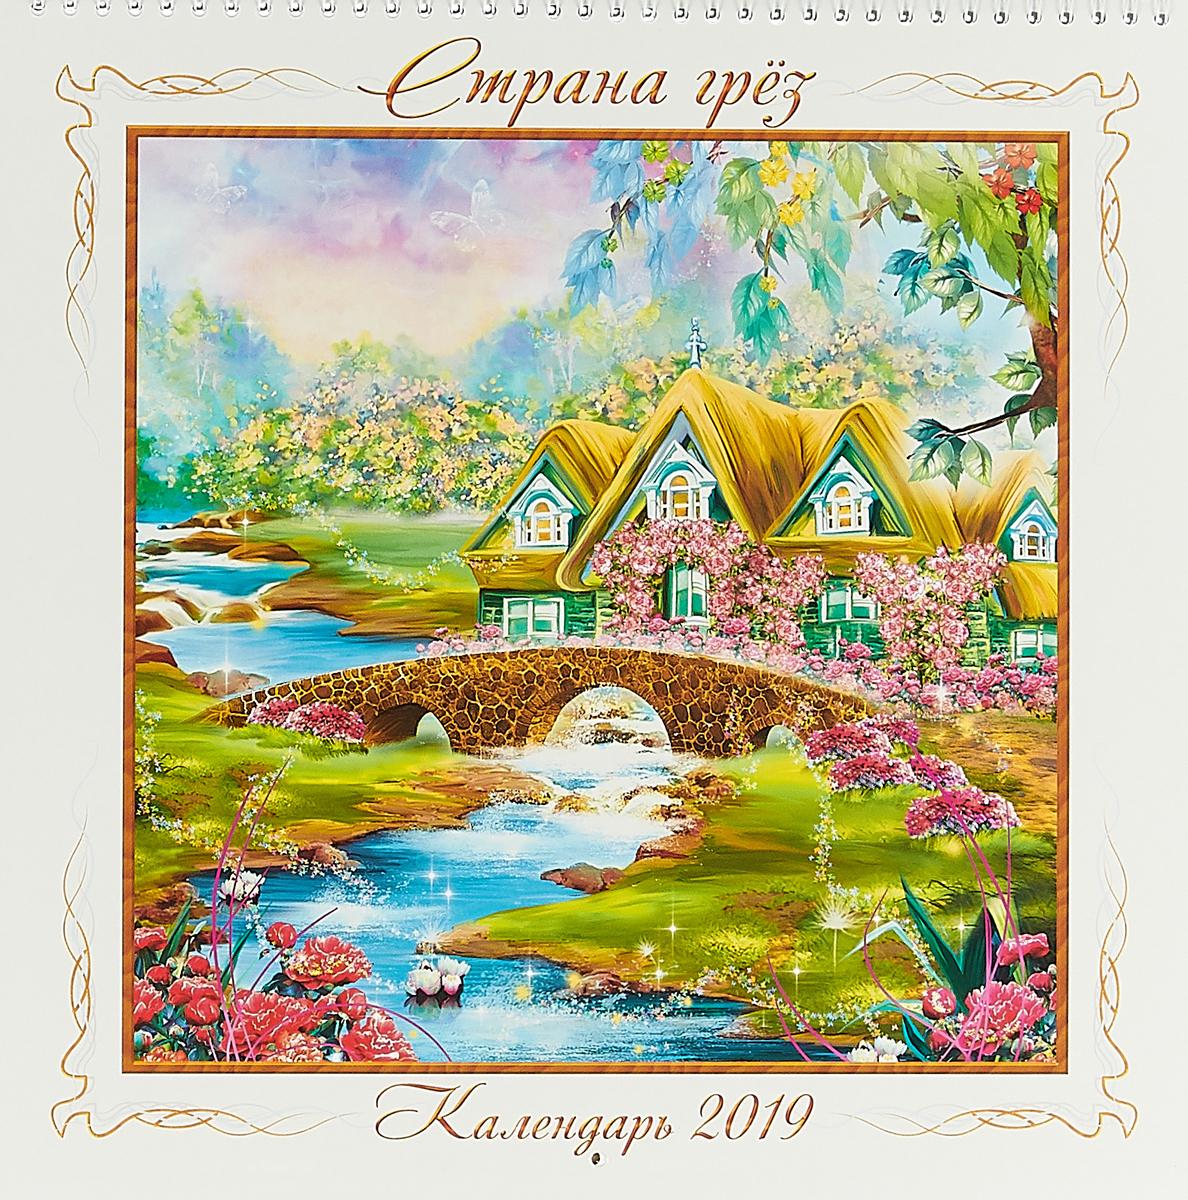 Календарь на спирали на 2019 год. Страна грез календарь на спирали кр20 на 2019 год эрмитаж шедевры живописи 34 47см [кр20 19012]